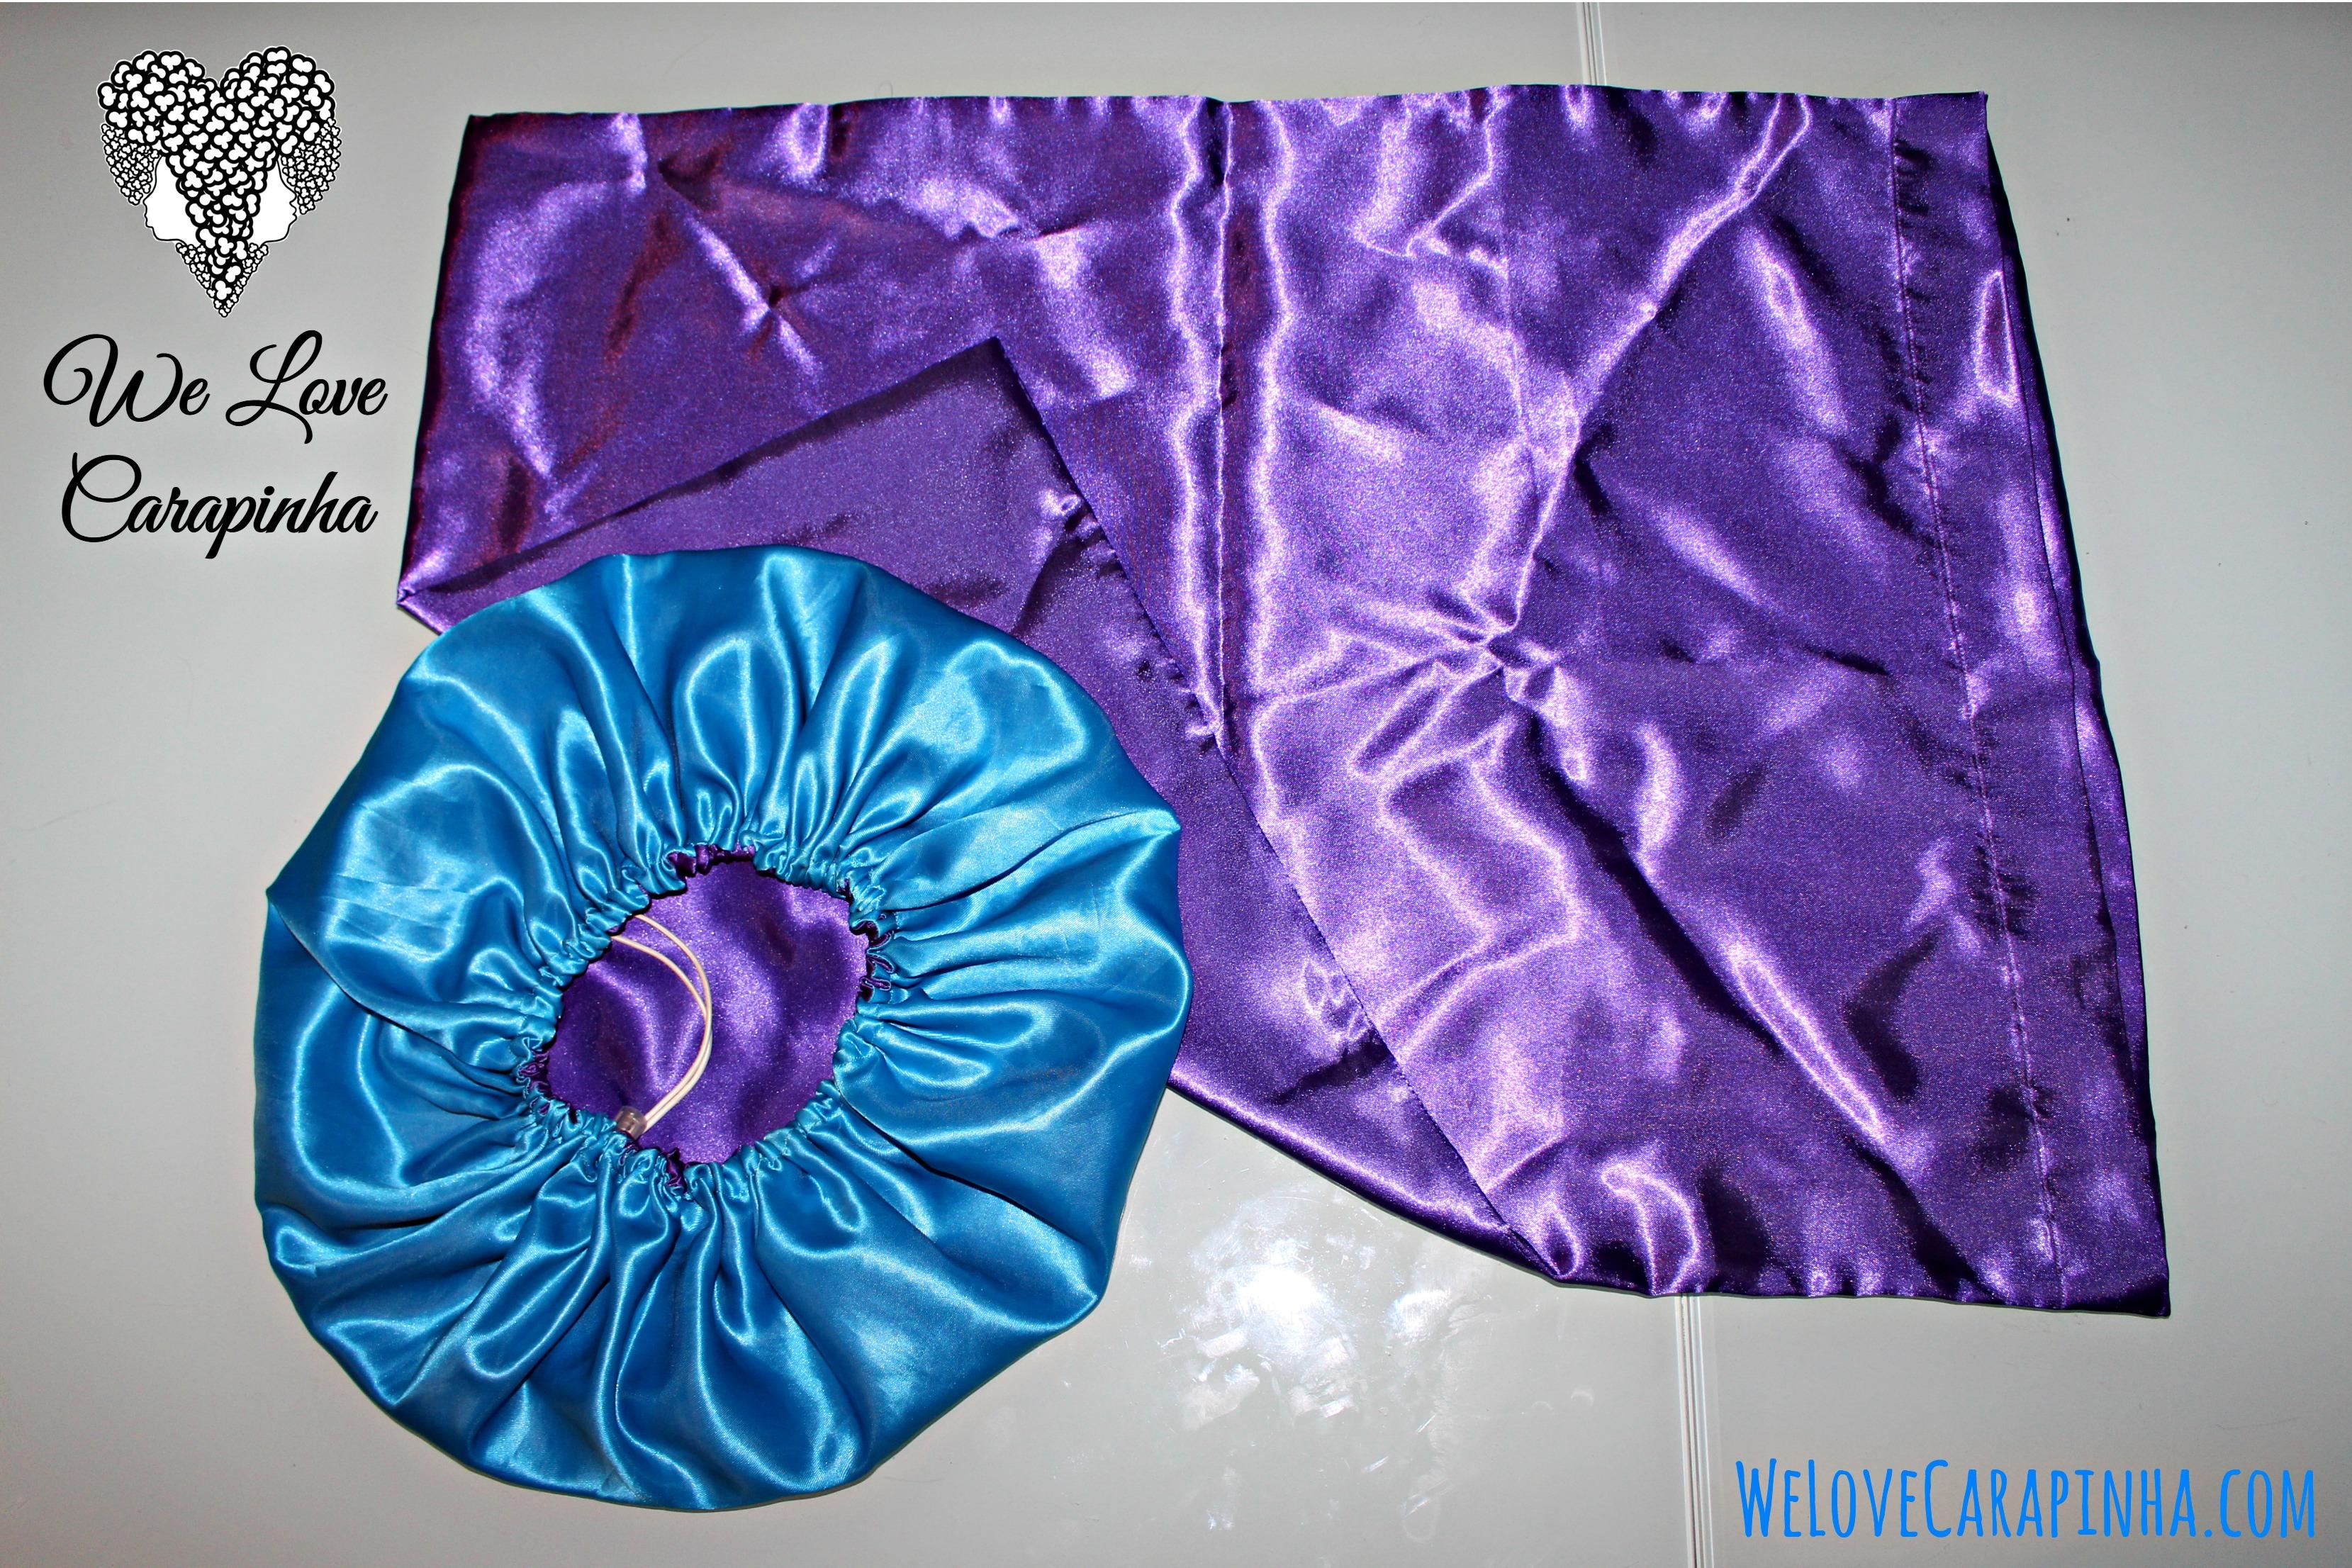 Conjunto Touca Turquesa-Roxa e Fronha Roxa (Modelo Envelope)